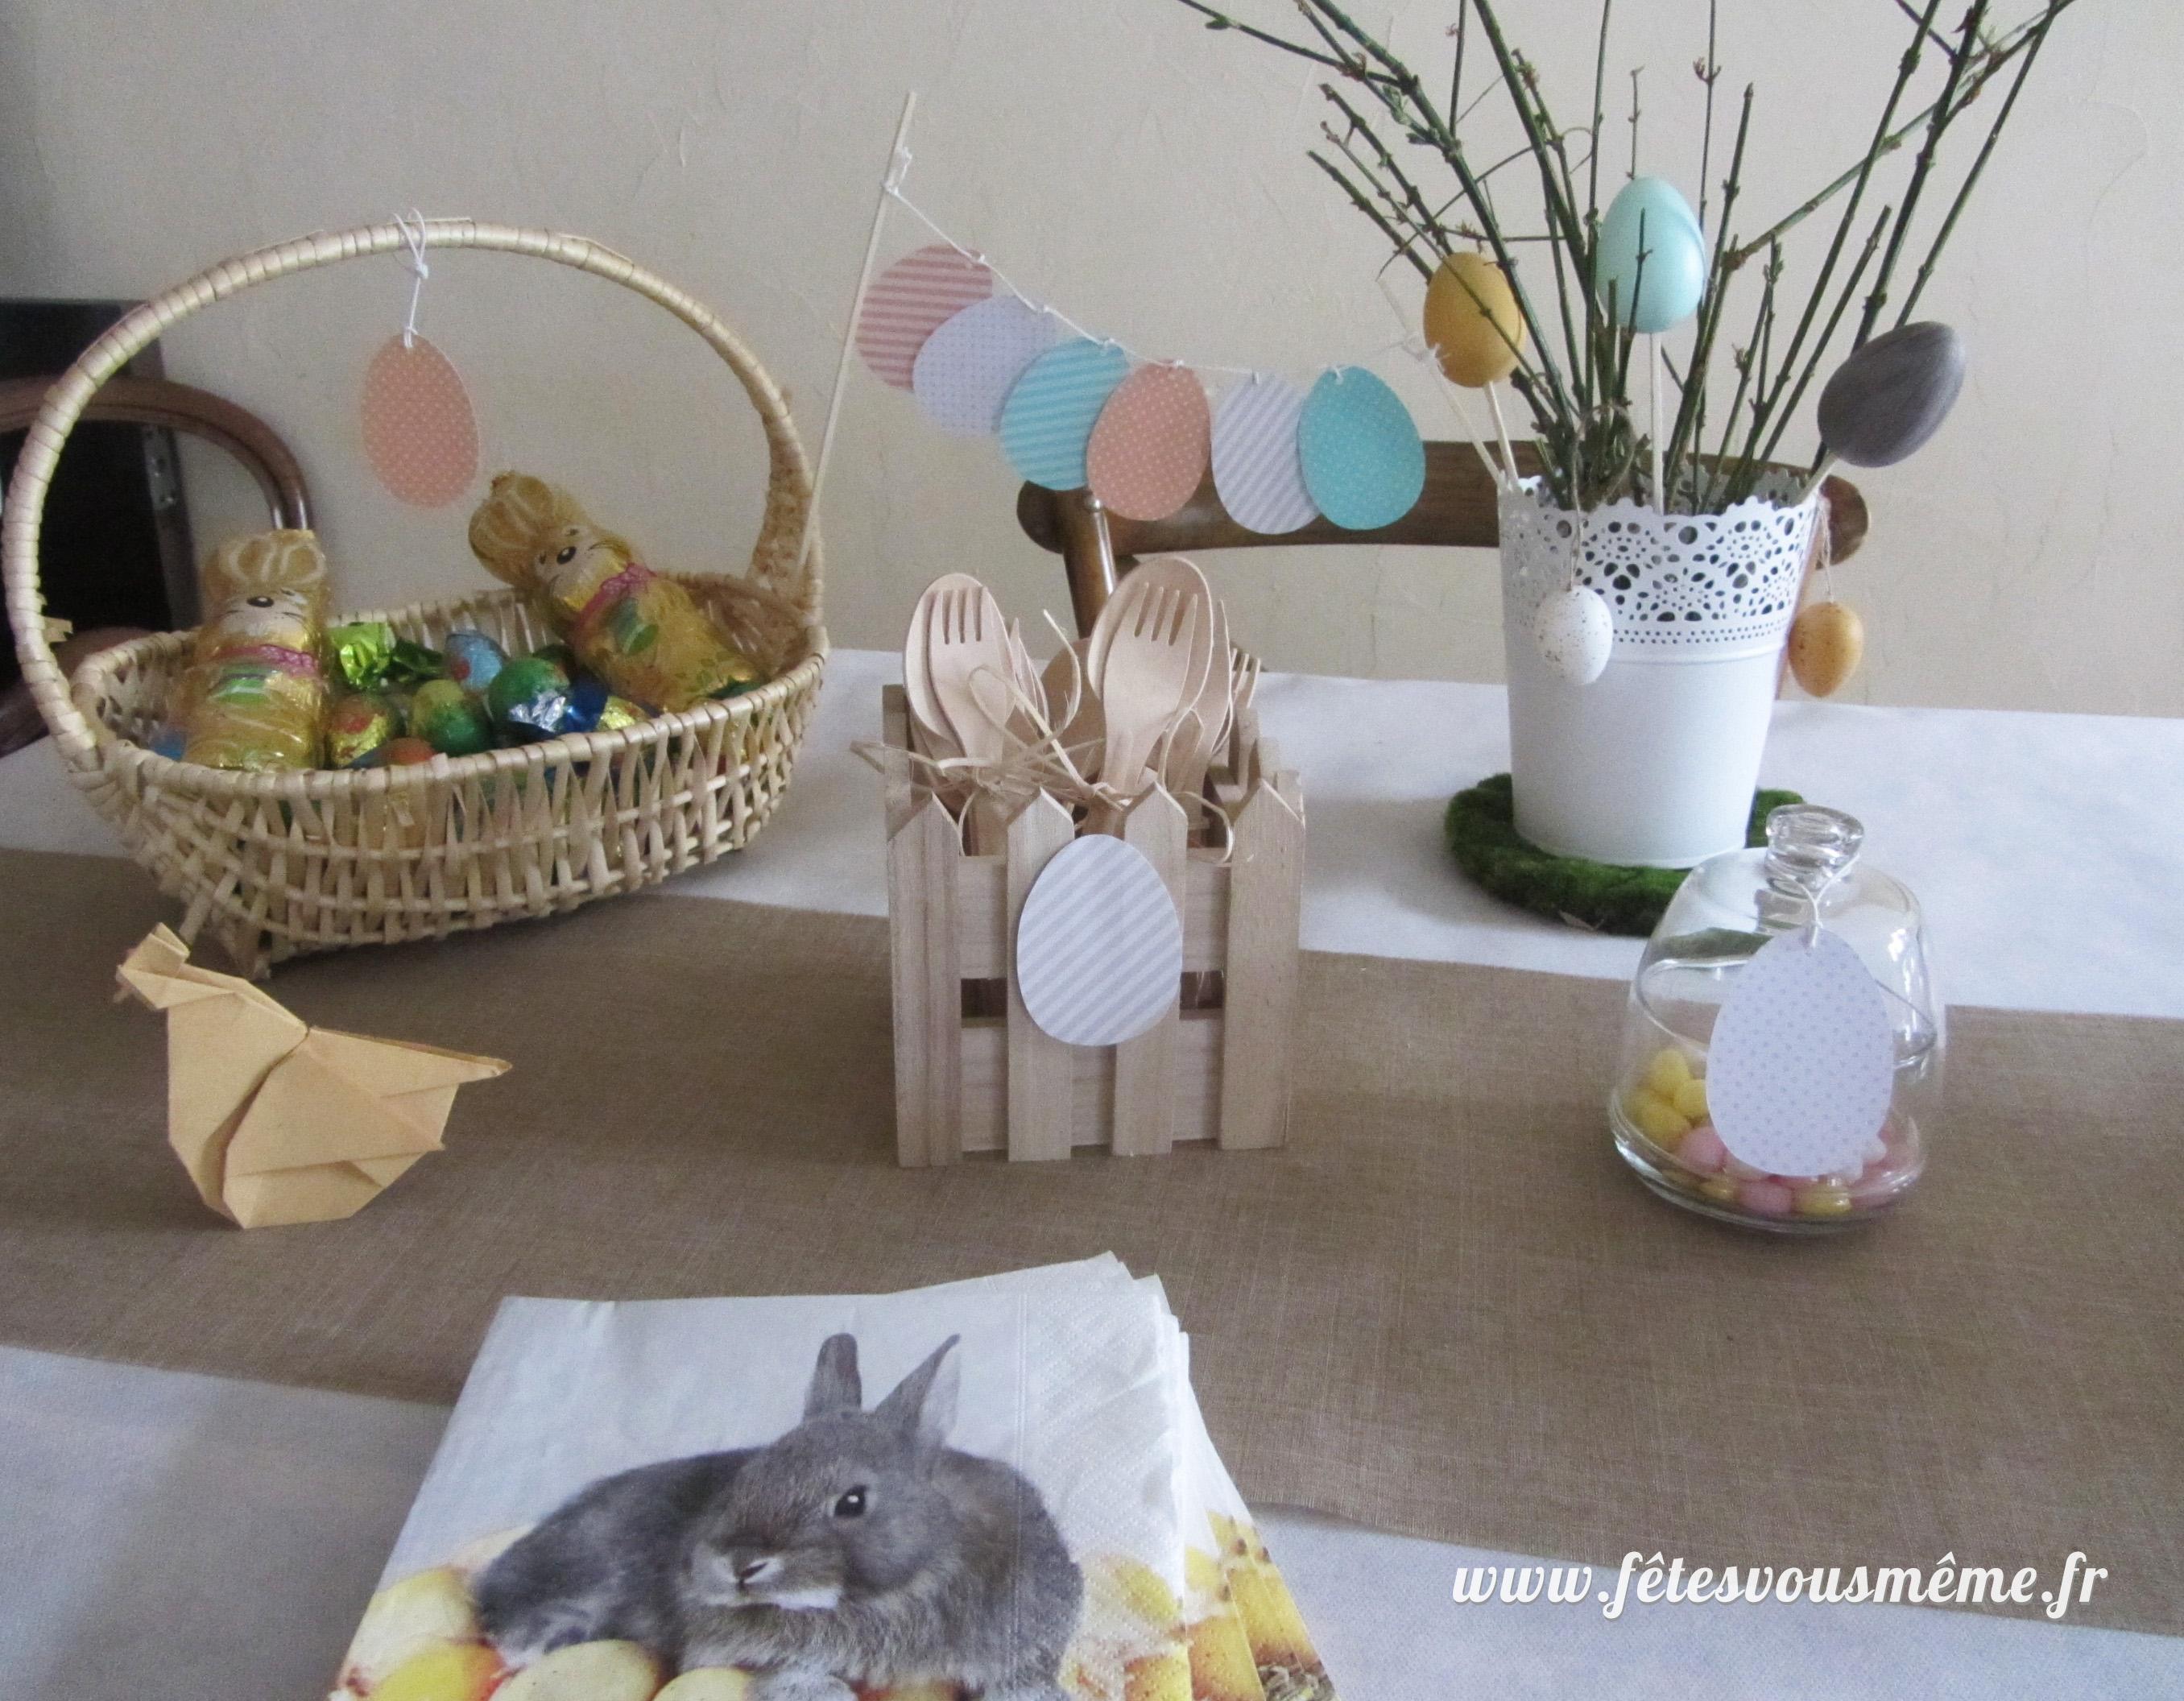 Deco de table paques a faire soi meme trendy dco de table - Decoration table paques faire soi meme ...